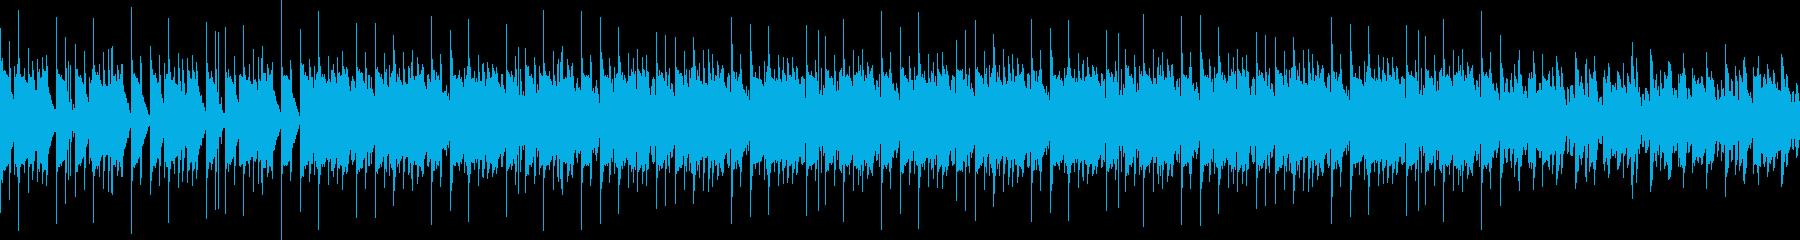 王道の四つ打ちサウンドの再生済みの波形